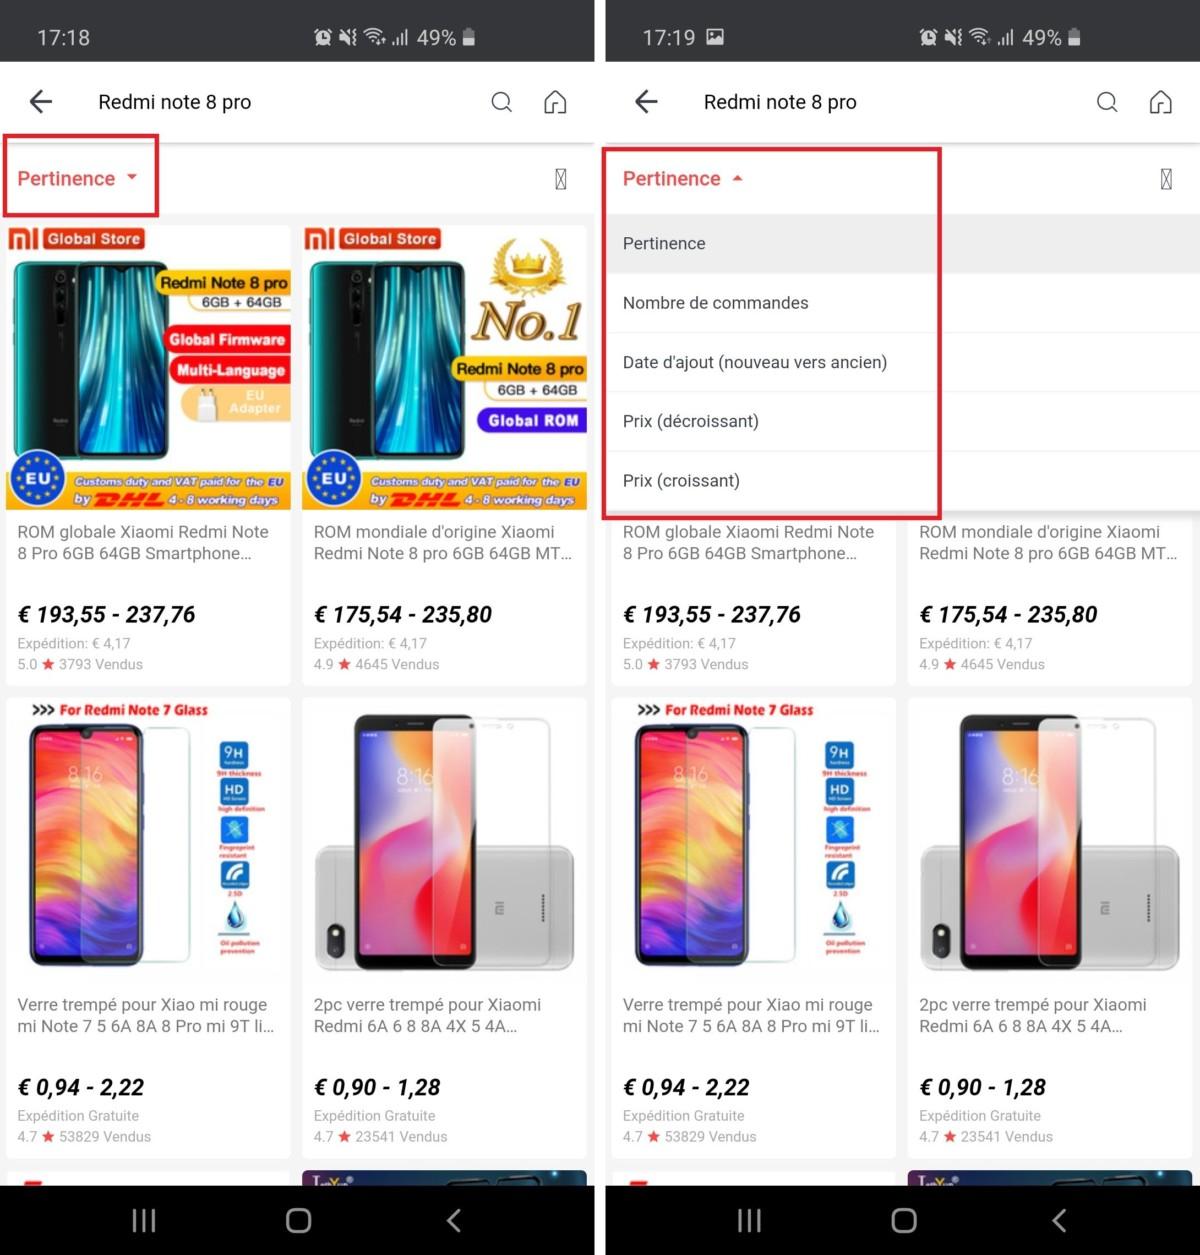 Sur mobile, l'interface d'AliExpress est plus claire. Il est aussi possible d'affiner ses recherches par nombre de commandes ou par note avec l'onglet qui se trouve en haut de la page.